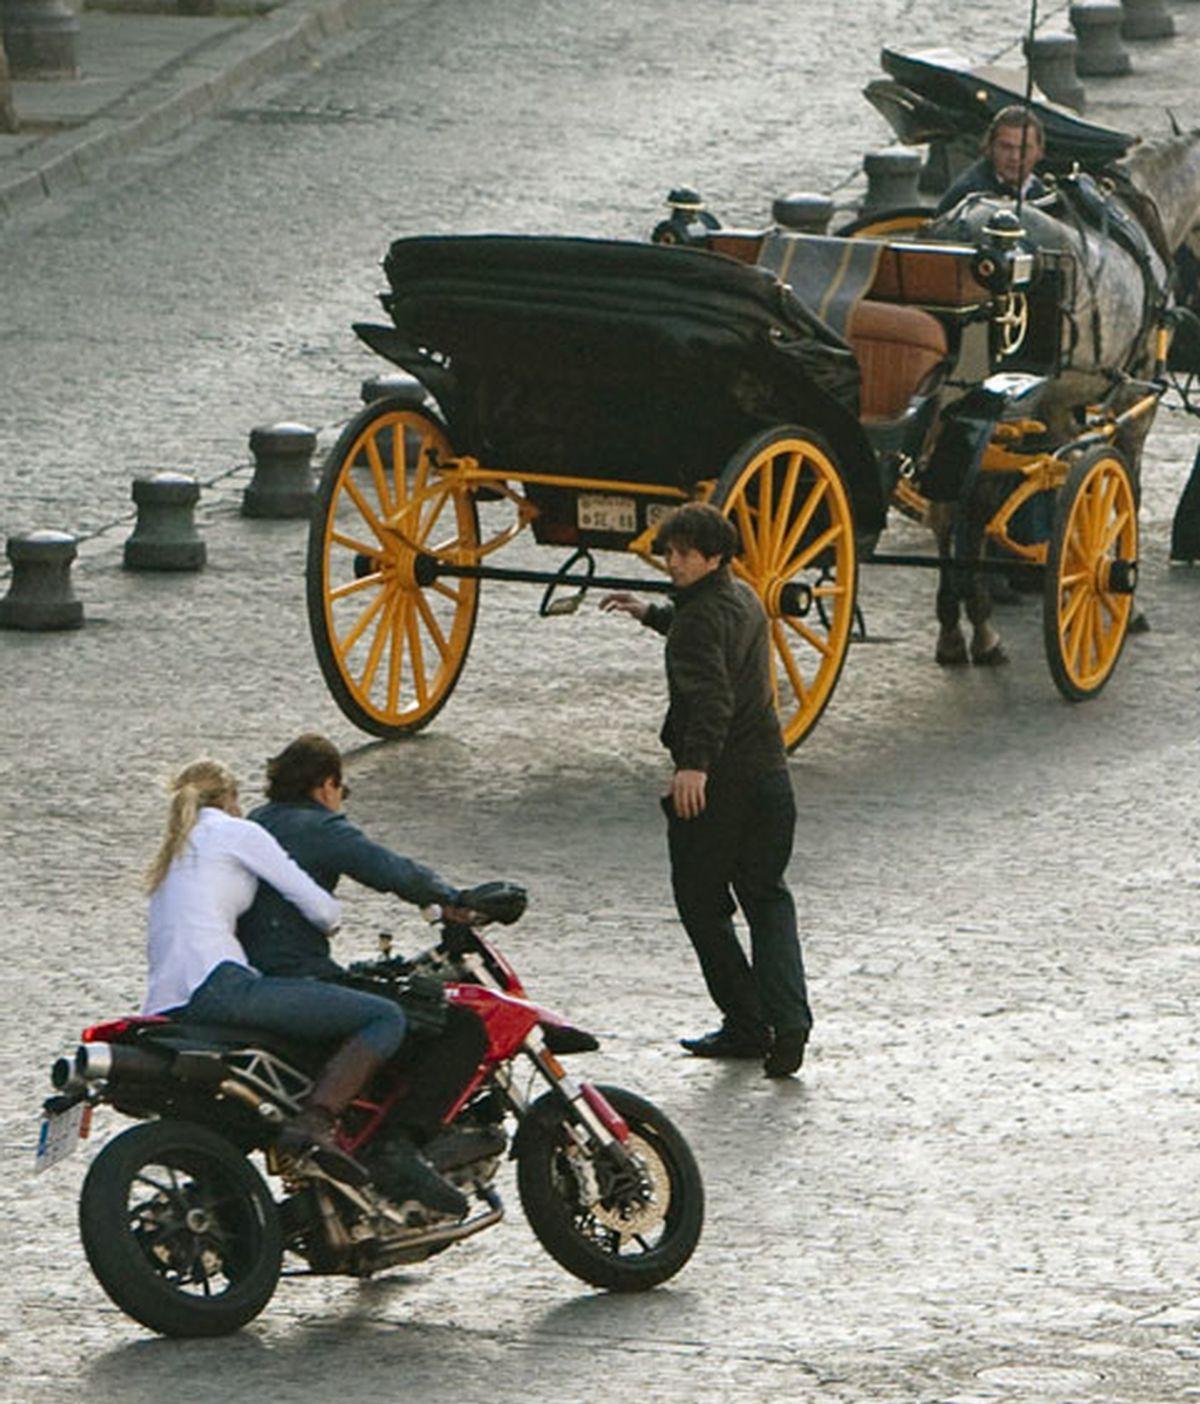 """Los dobles de Tom Cruise y Cameron Díaz, sobre una motocicleta durante el rodaje de la comedia romántica """"Knight and Day"""", dirigida por James Mangold, que ha convertido el centro histórico de Sevilla en un plató. EFE"""